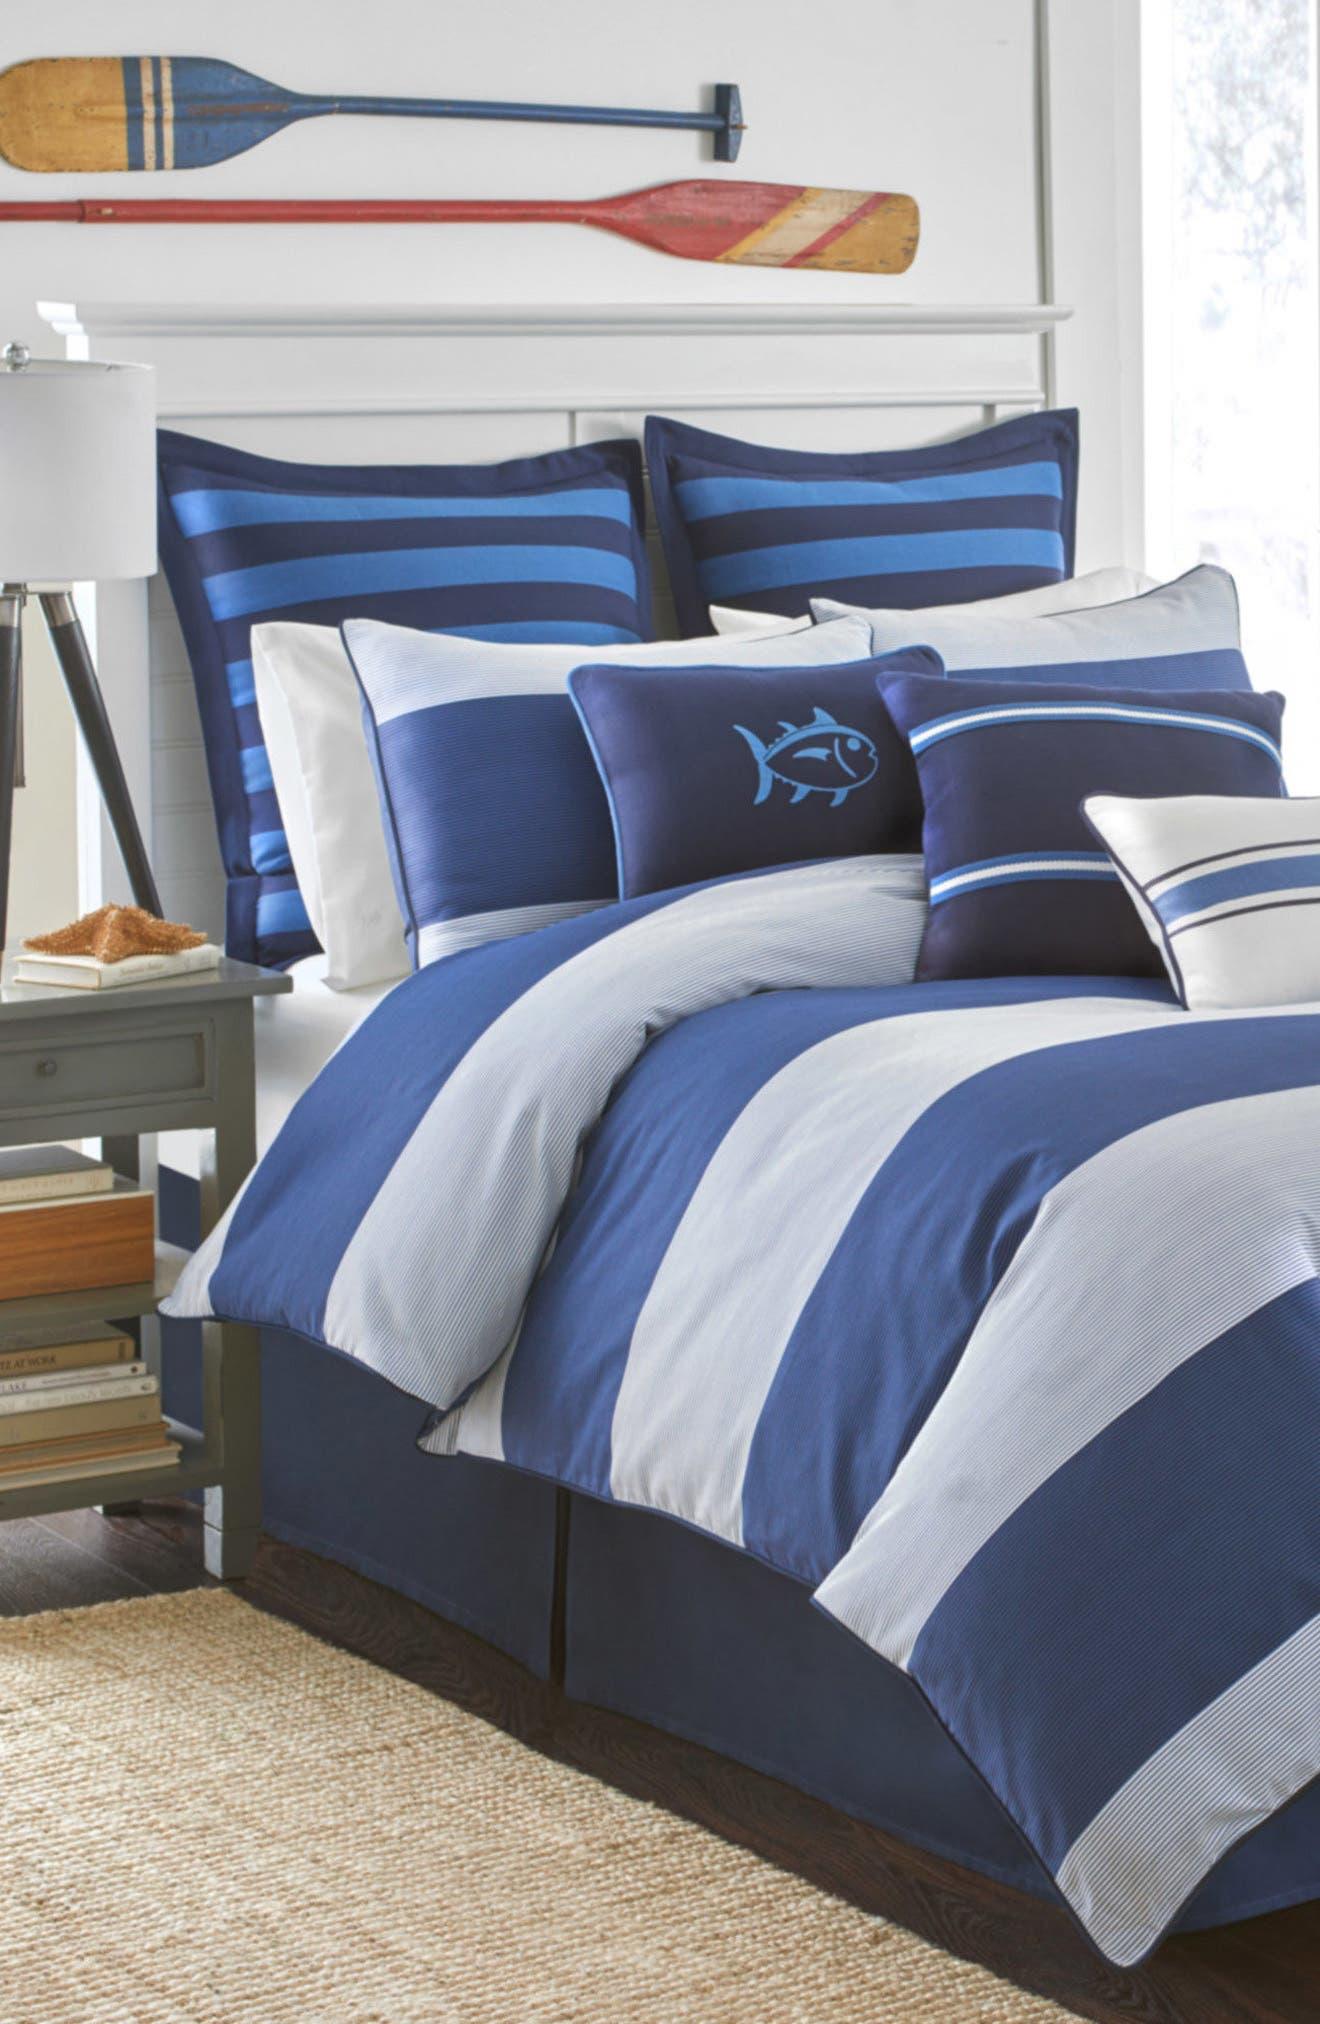 Main Image - Southern Tide Dock Street Comforter, Sham & Bed Skirt Set